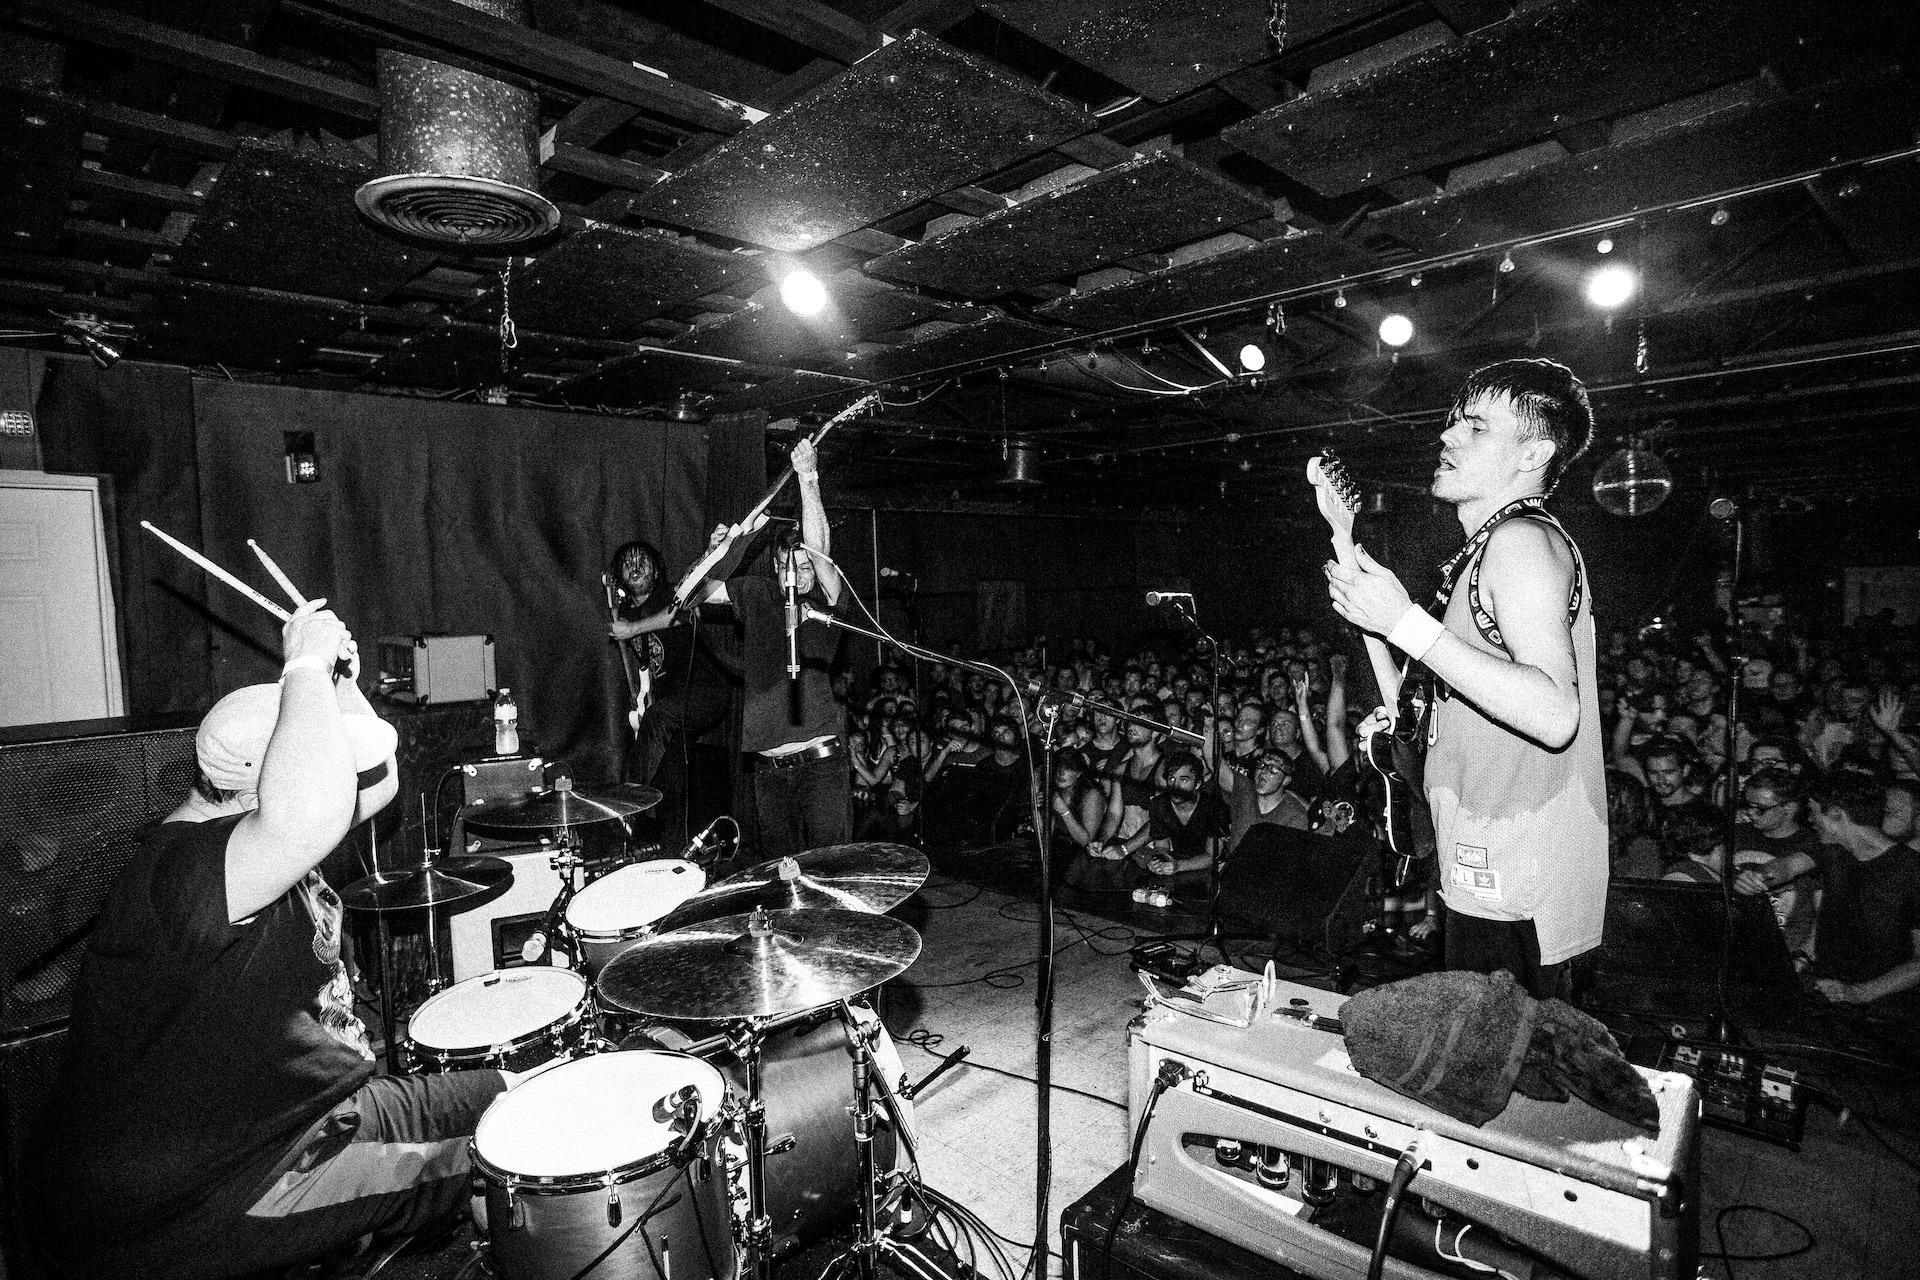 Une image en noir et blanc d'un groupe sur scène devant un large public. Le batteur est sur le point de frapper la batterie tandis qu'un homme tenant une guitare basse le regarde.